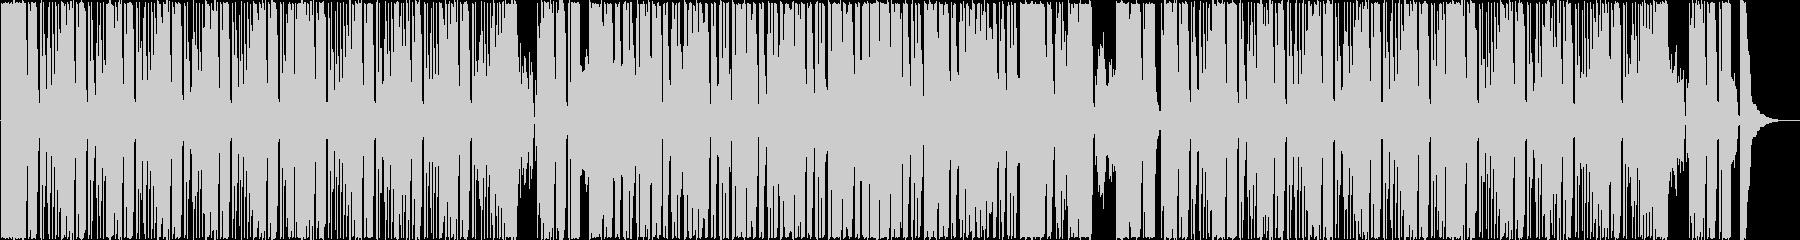 ファンク・Youtuber・TV・BGMの未再生の波形